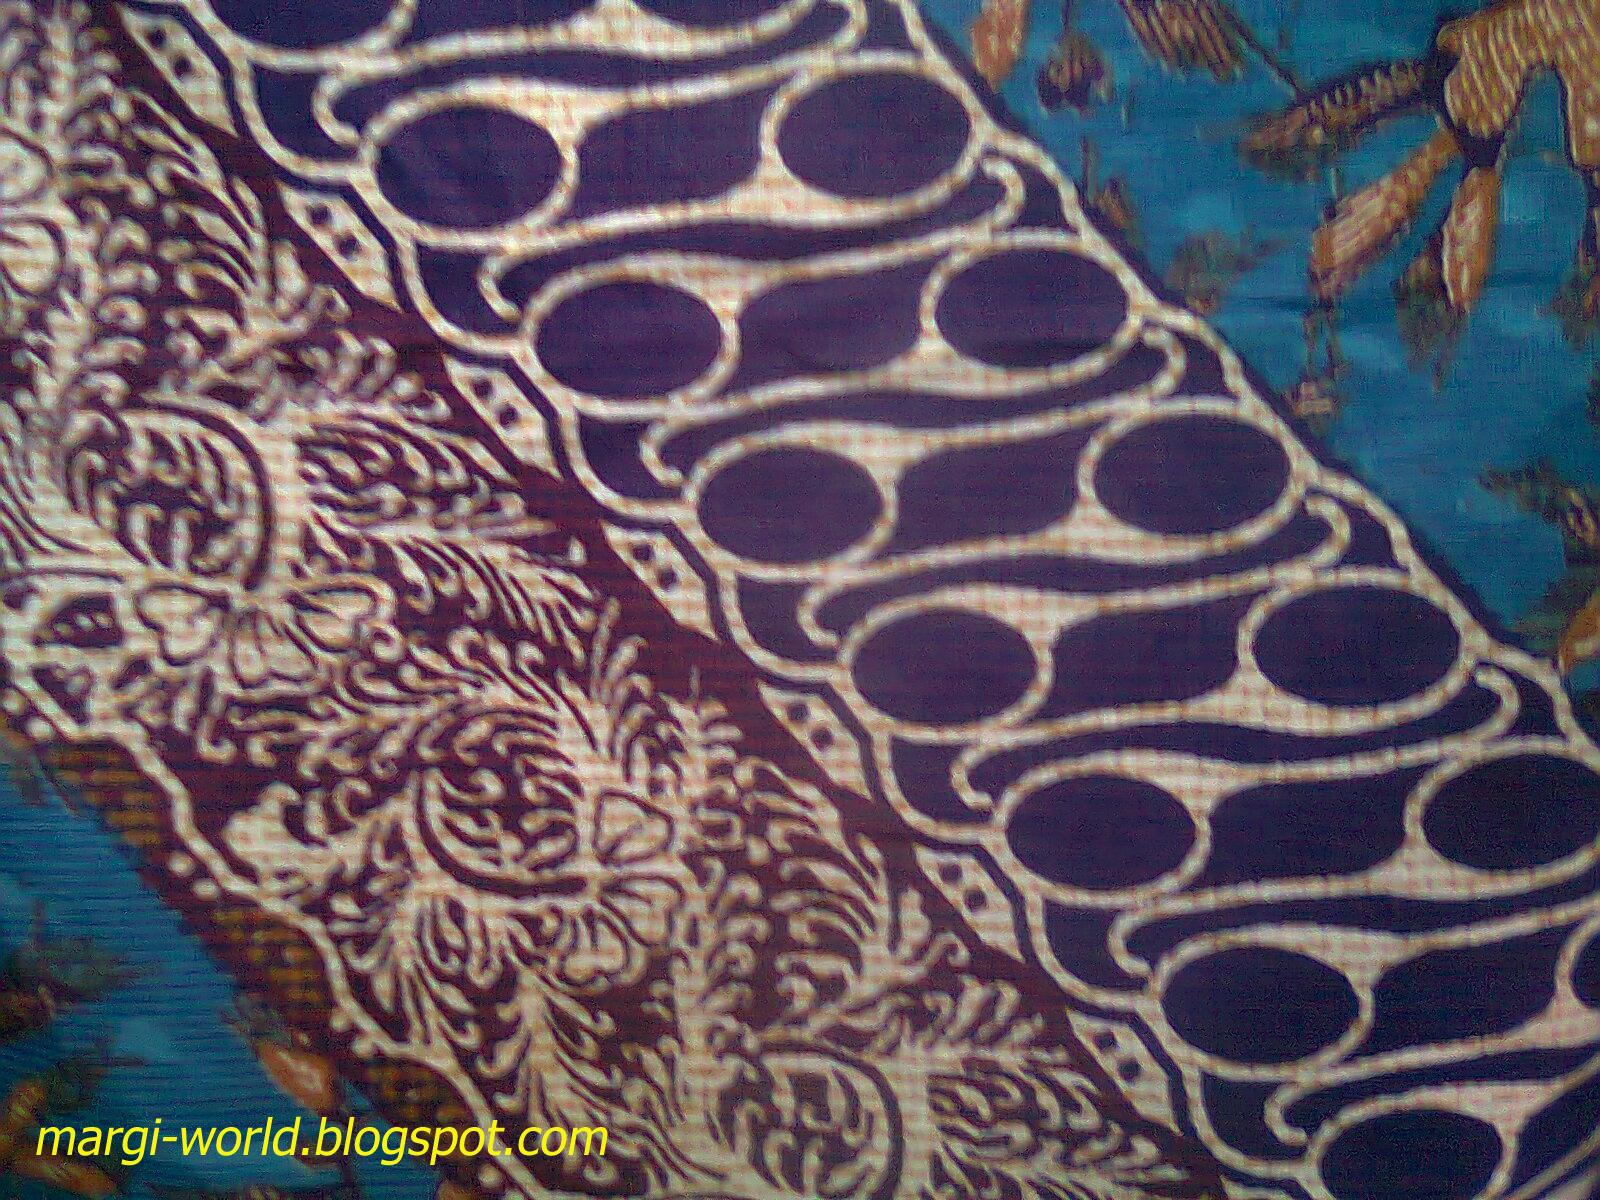 Contoh desain batik tradisional dengan konsep bulatan